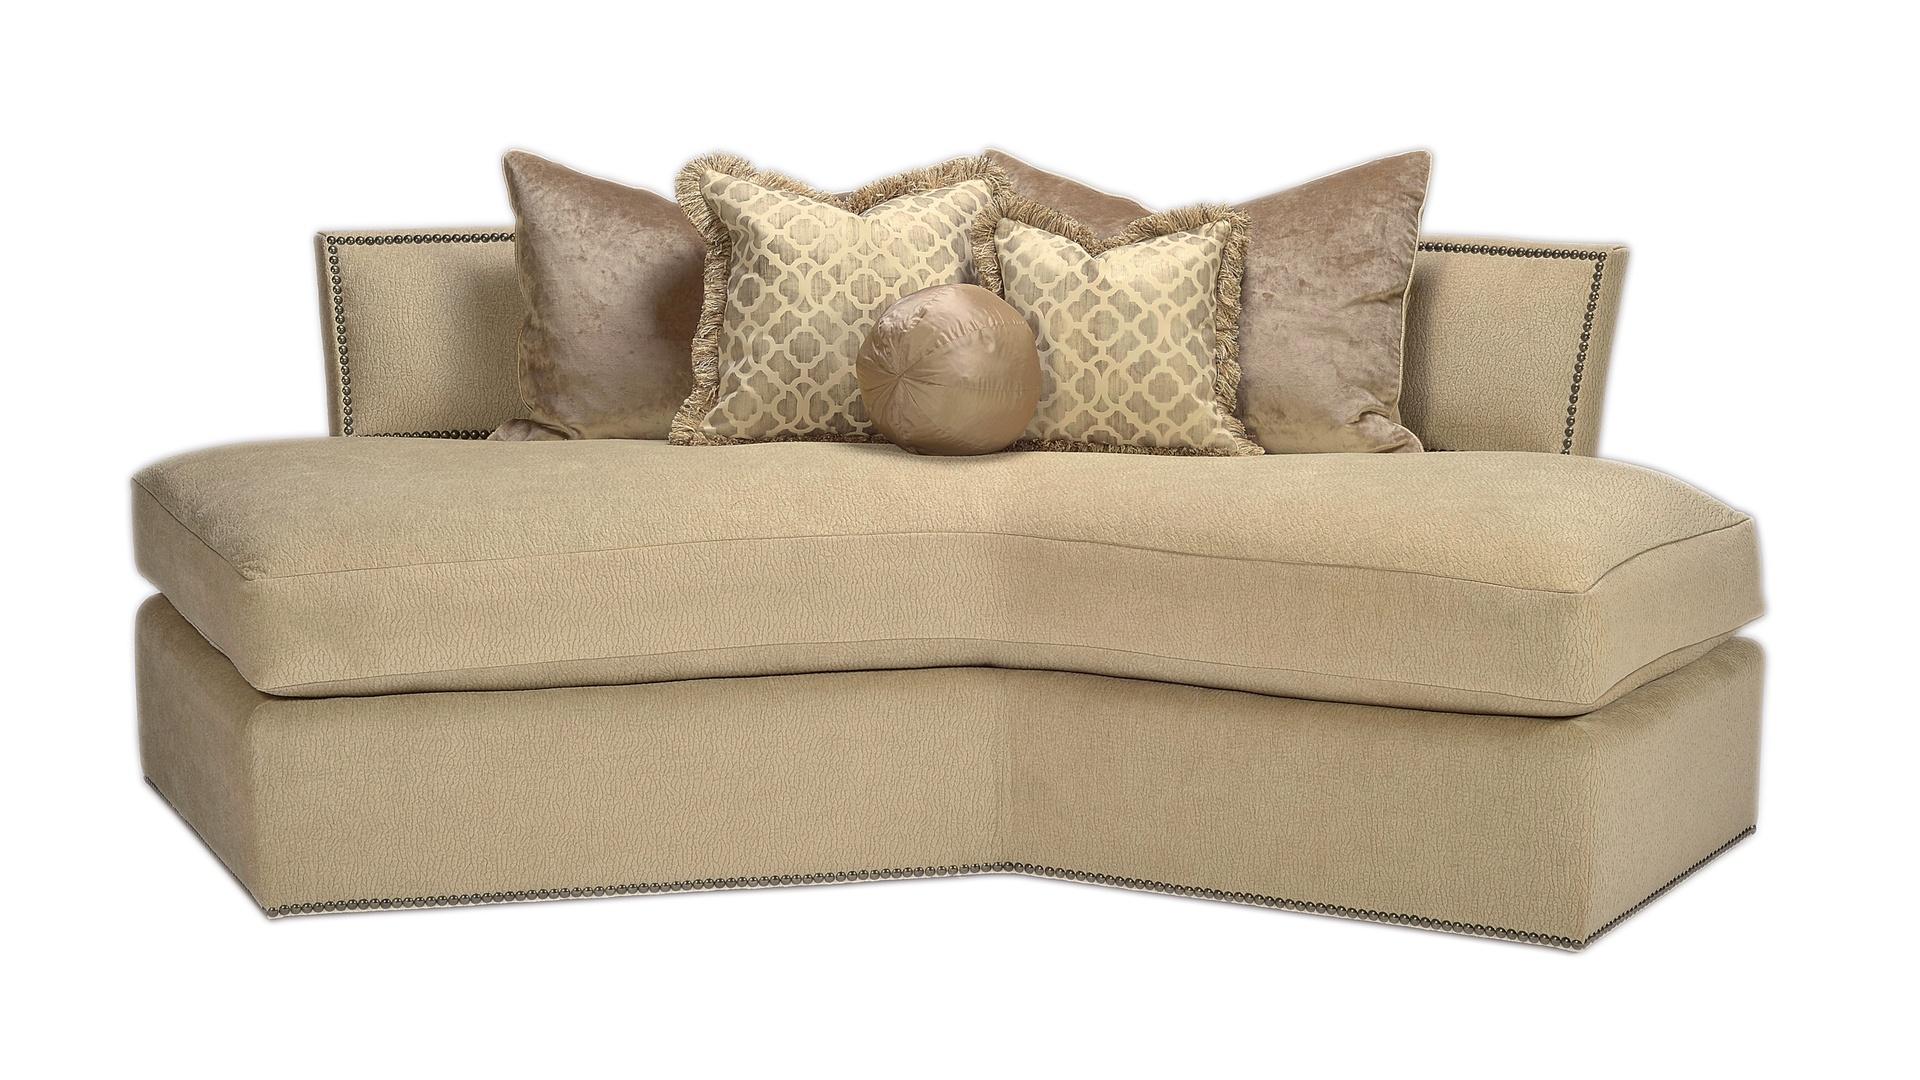 pomona sofa ethan allen sleeper air mattress memphis marge carson